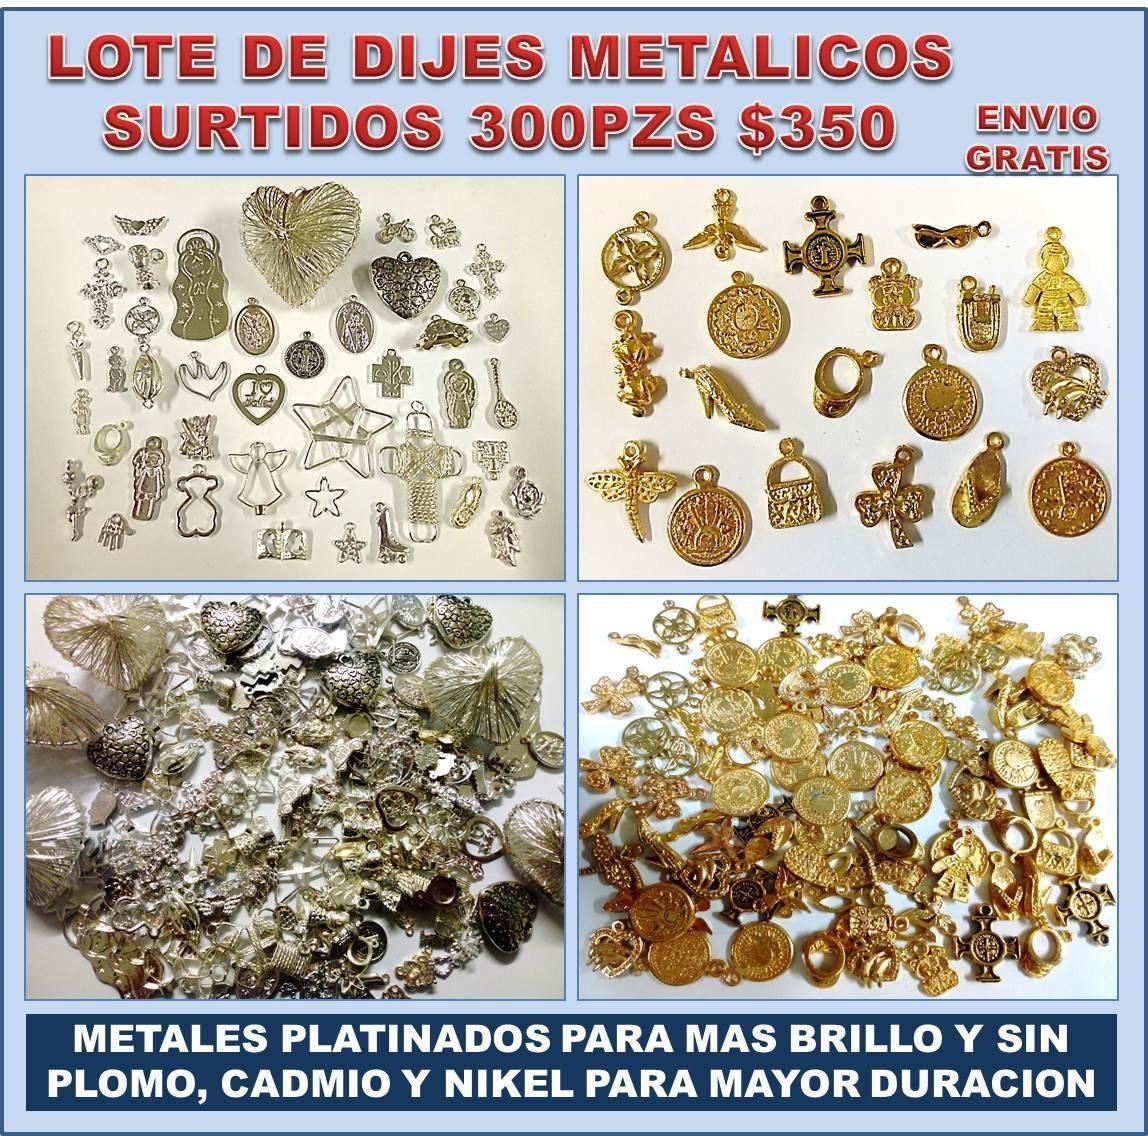 6f4c8a05f0c0 Lote Con 300 Dijes Metalicos Para Joyería Y Bisutería -   350.00 en ...